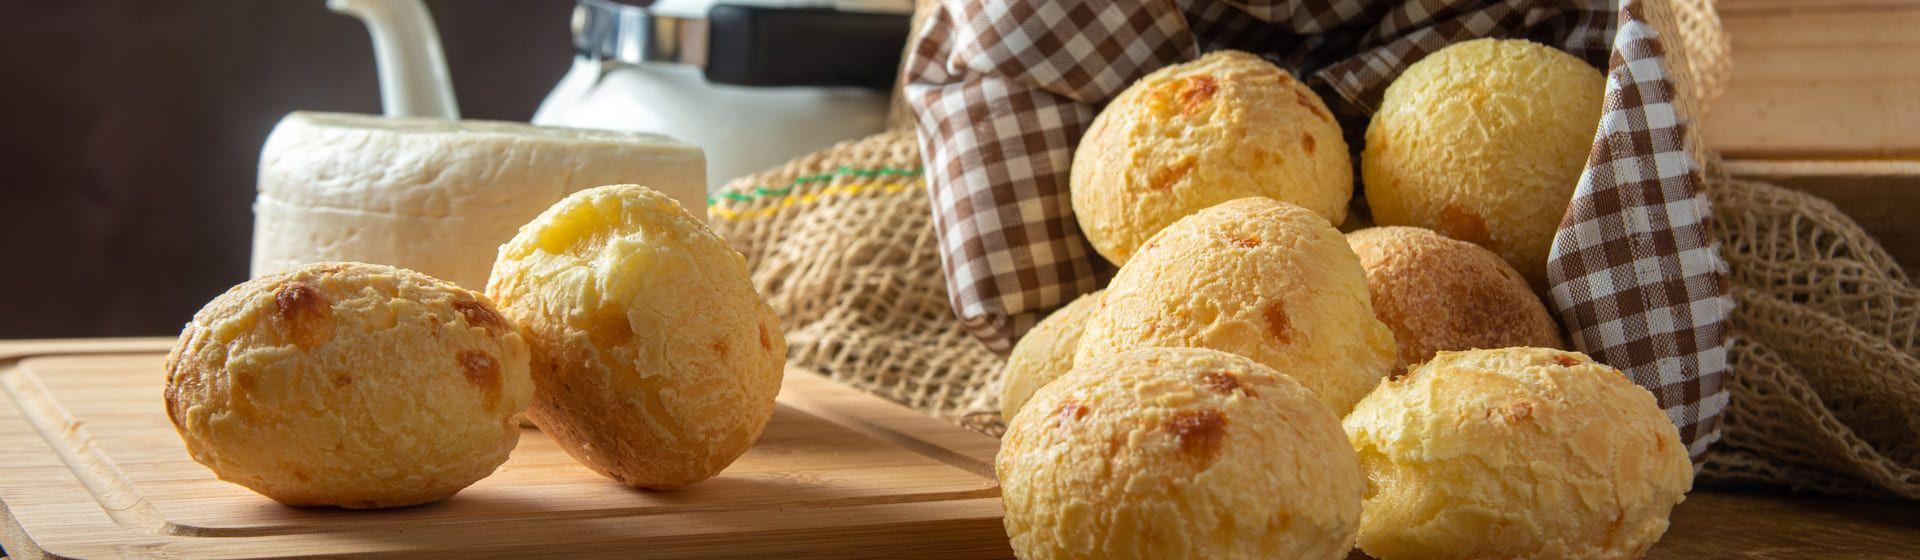 Receita de pão de queijo no liquidificador: veja o passo a passo